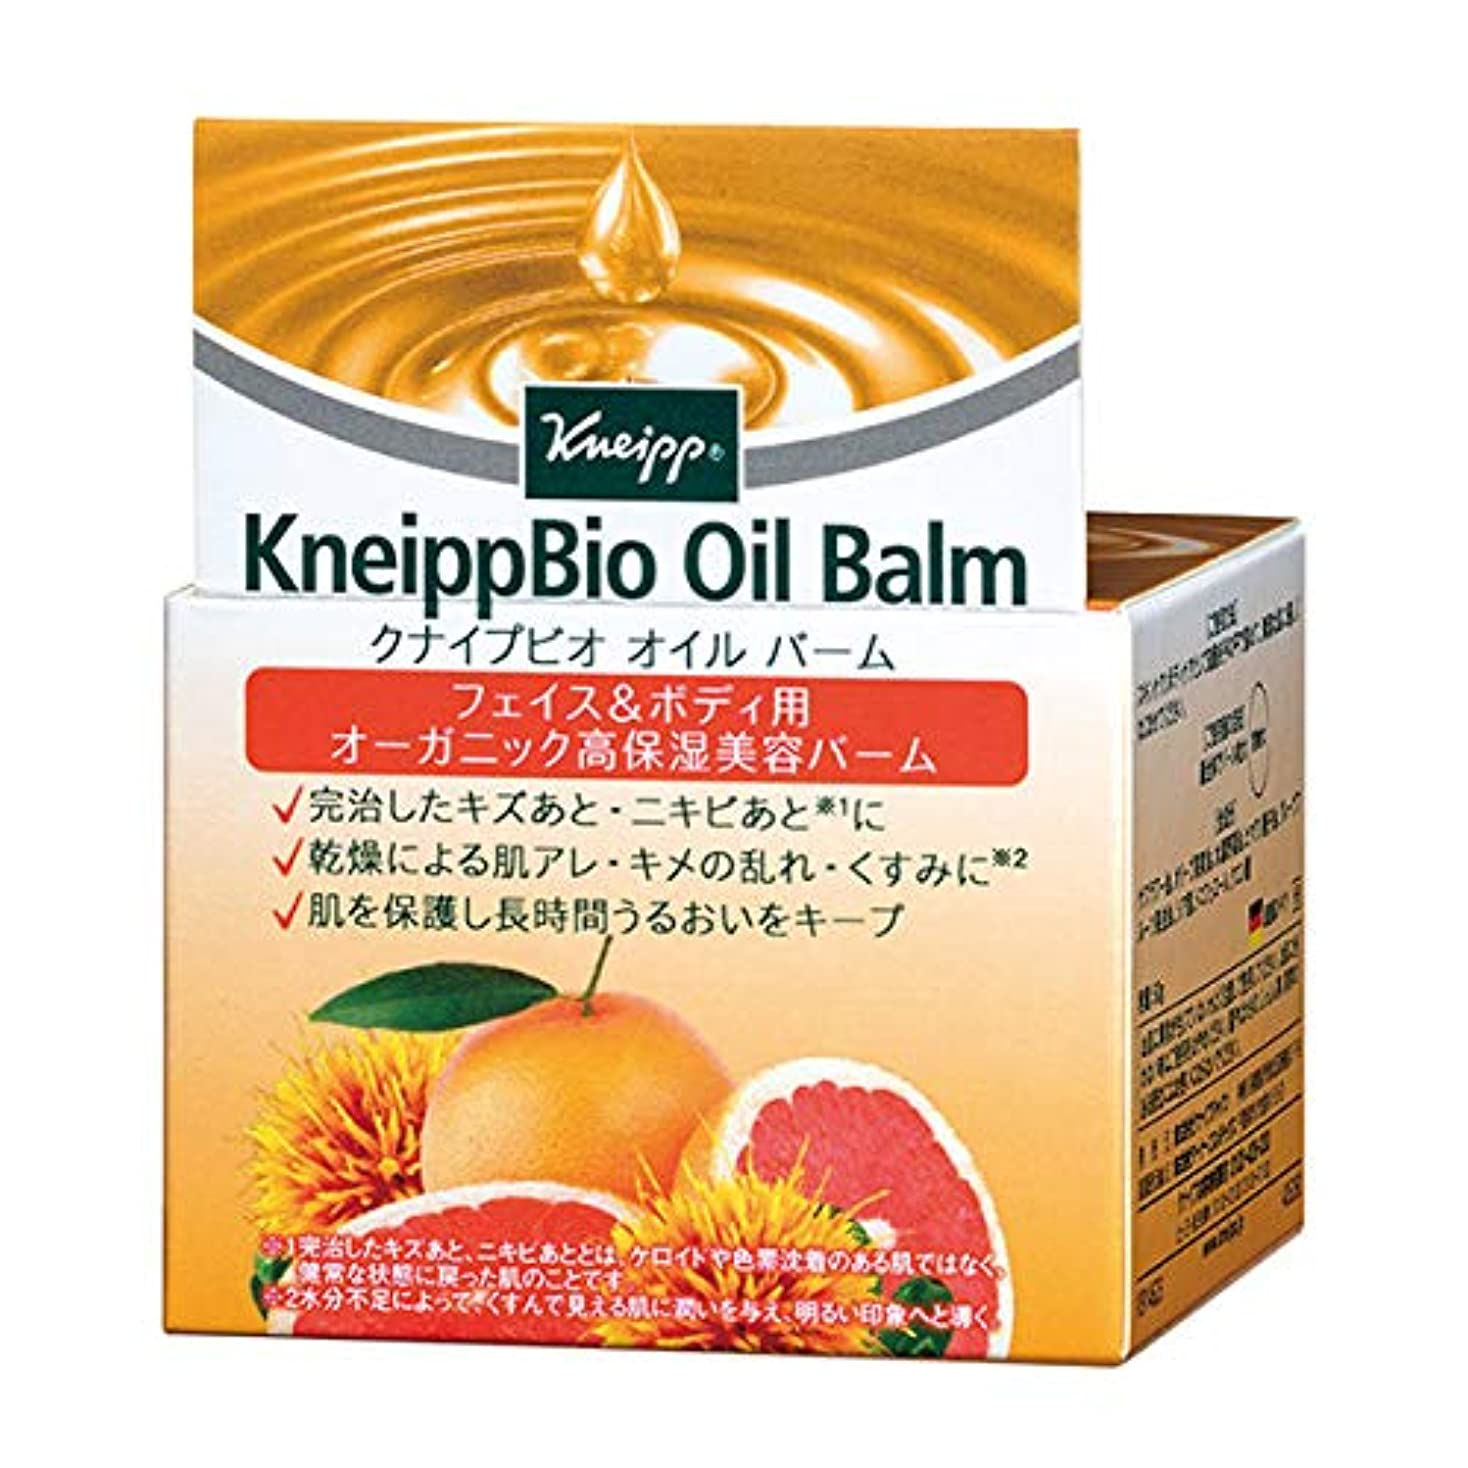 ファイター刃多様体クナイプ(Kneipp) クナイプビオ オイル バーム 50g 美容液